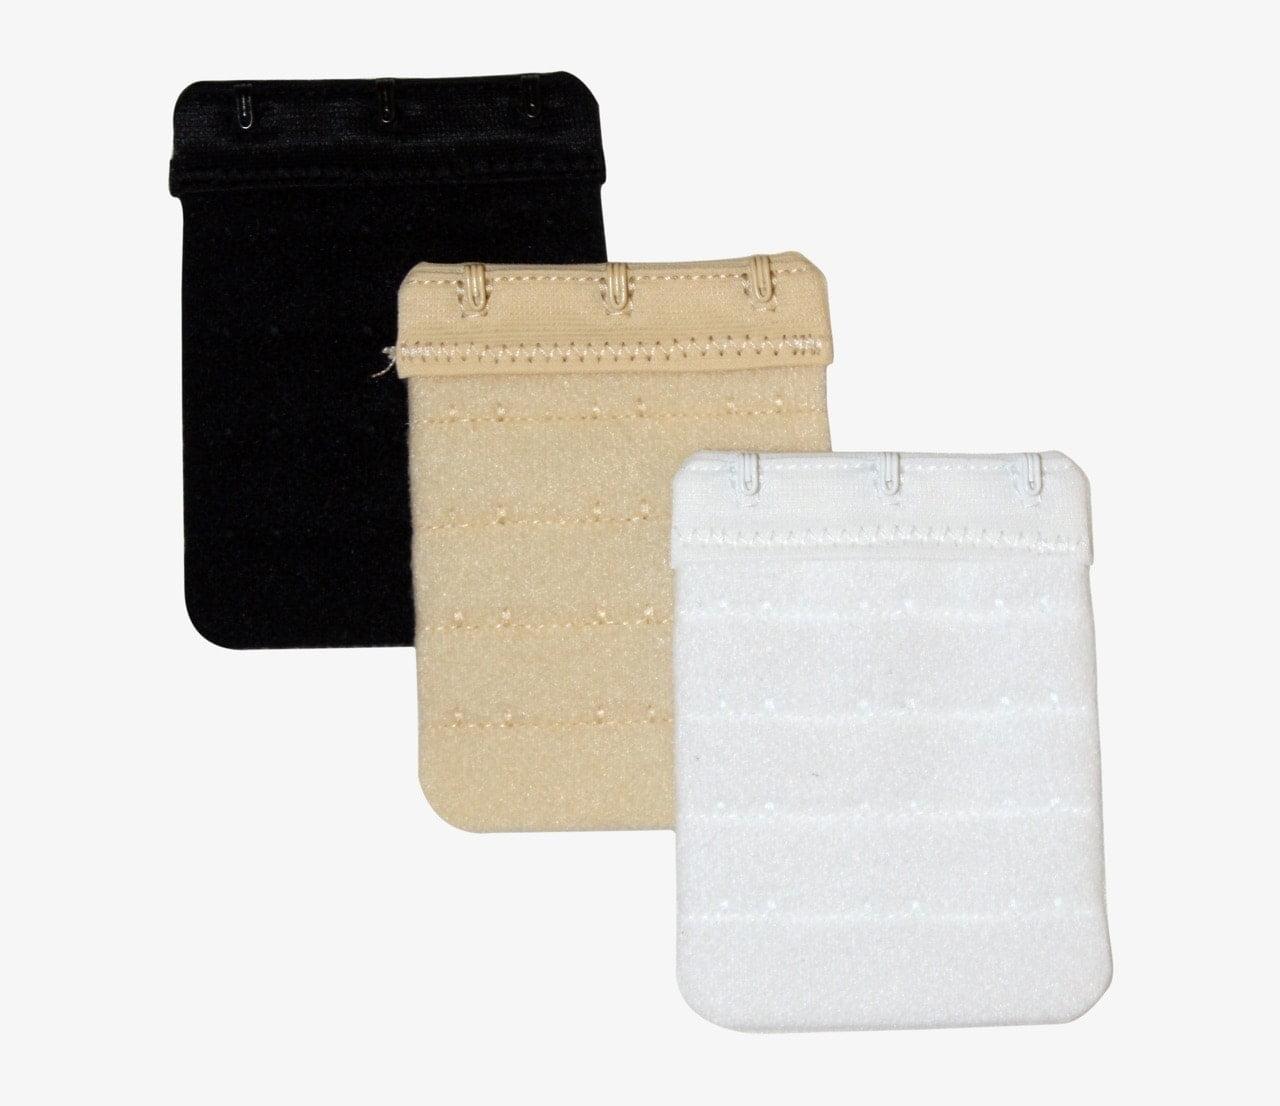 3 hook long bra extender 3 pack black, white, beige